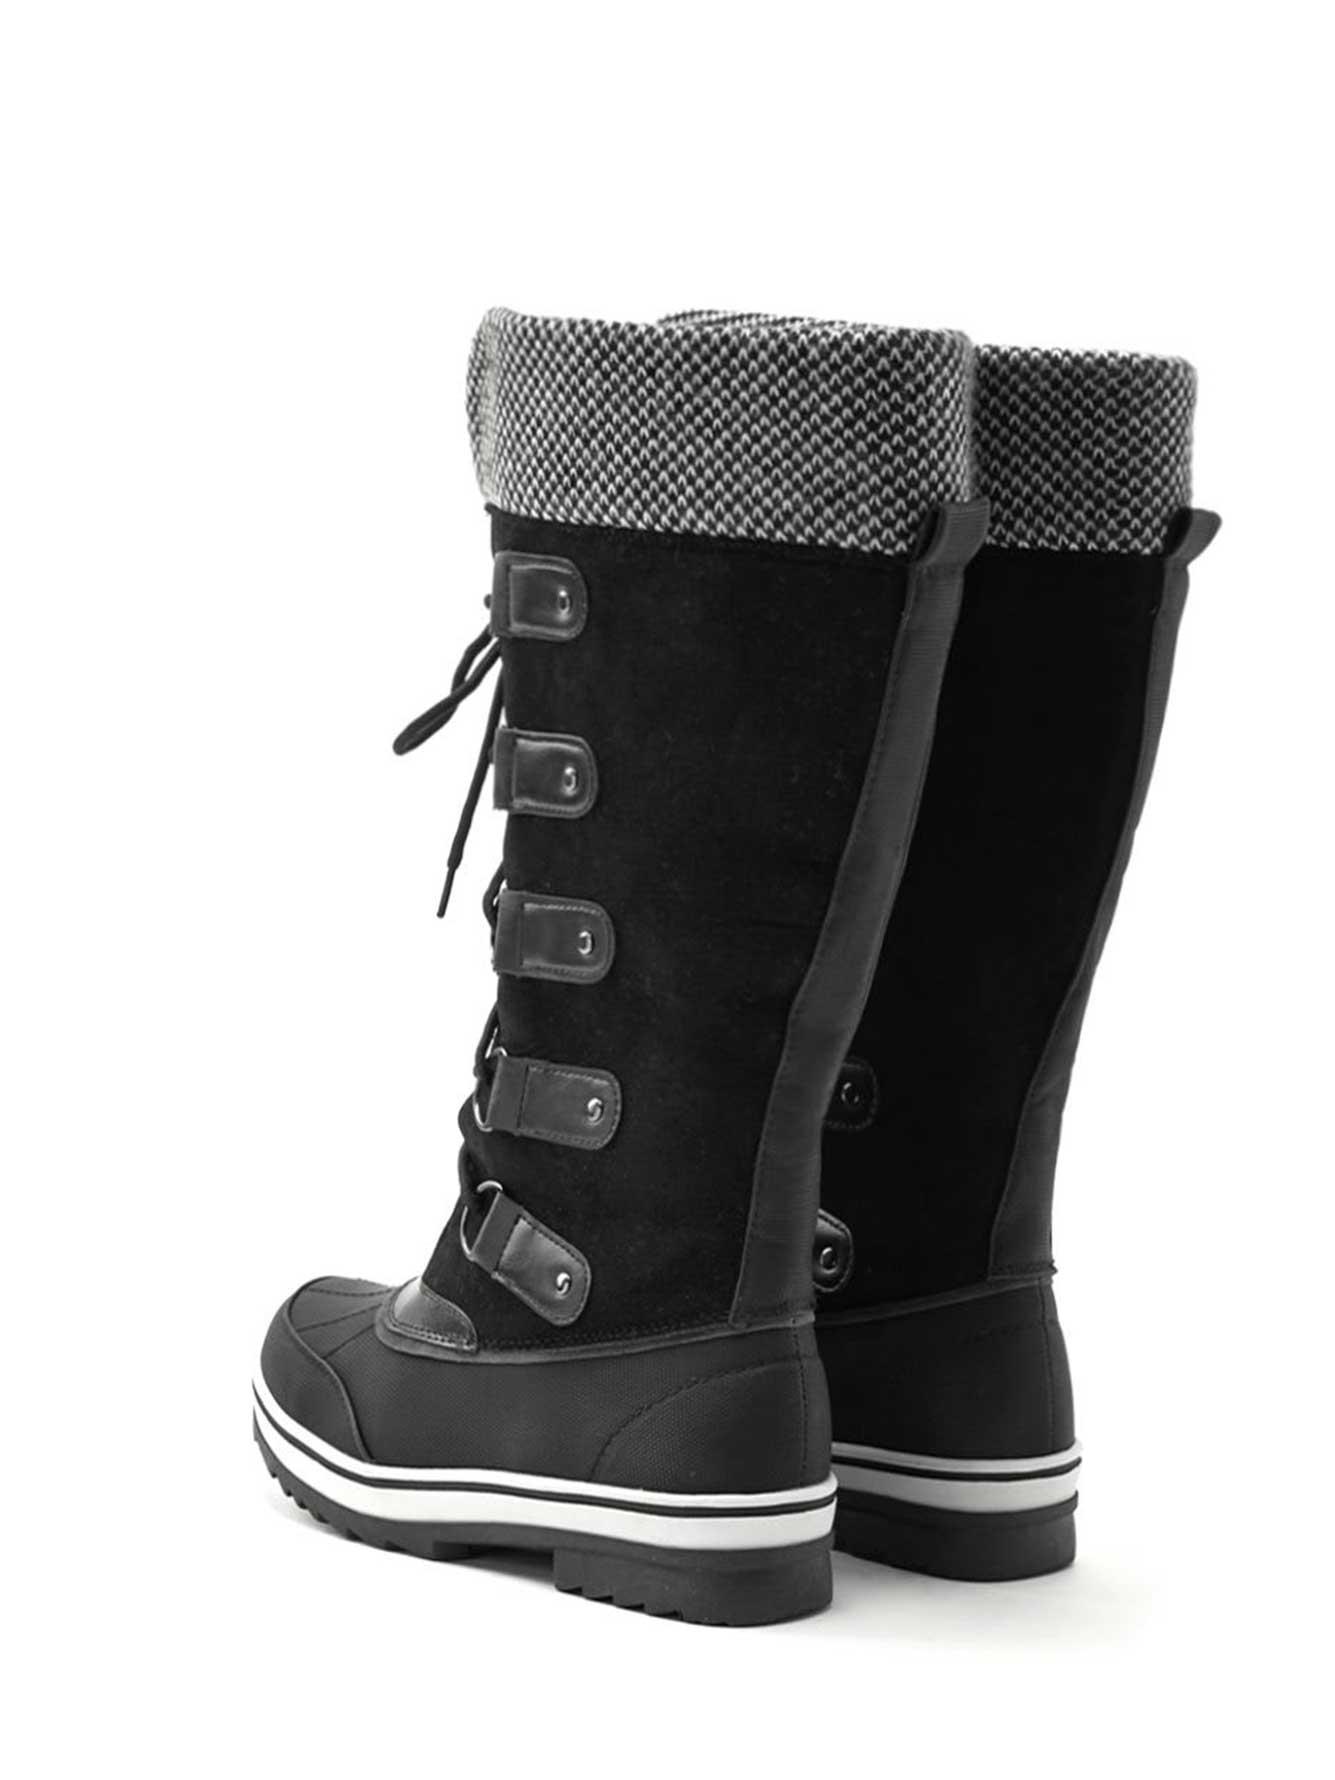 Tall Wide-Width Winter Boots | Penningtons